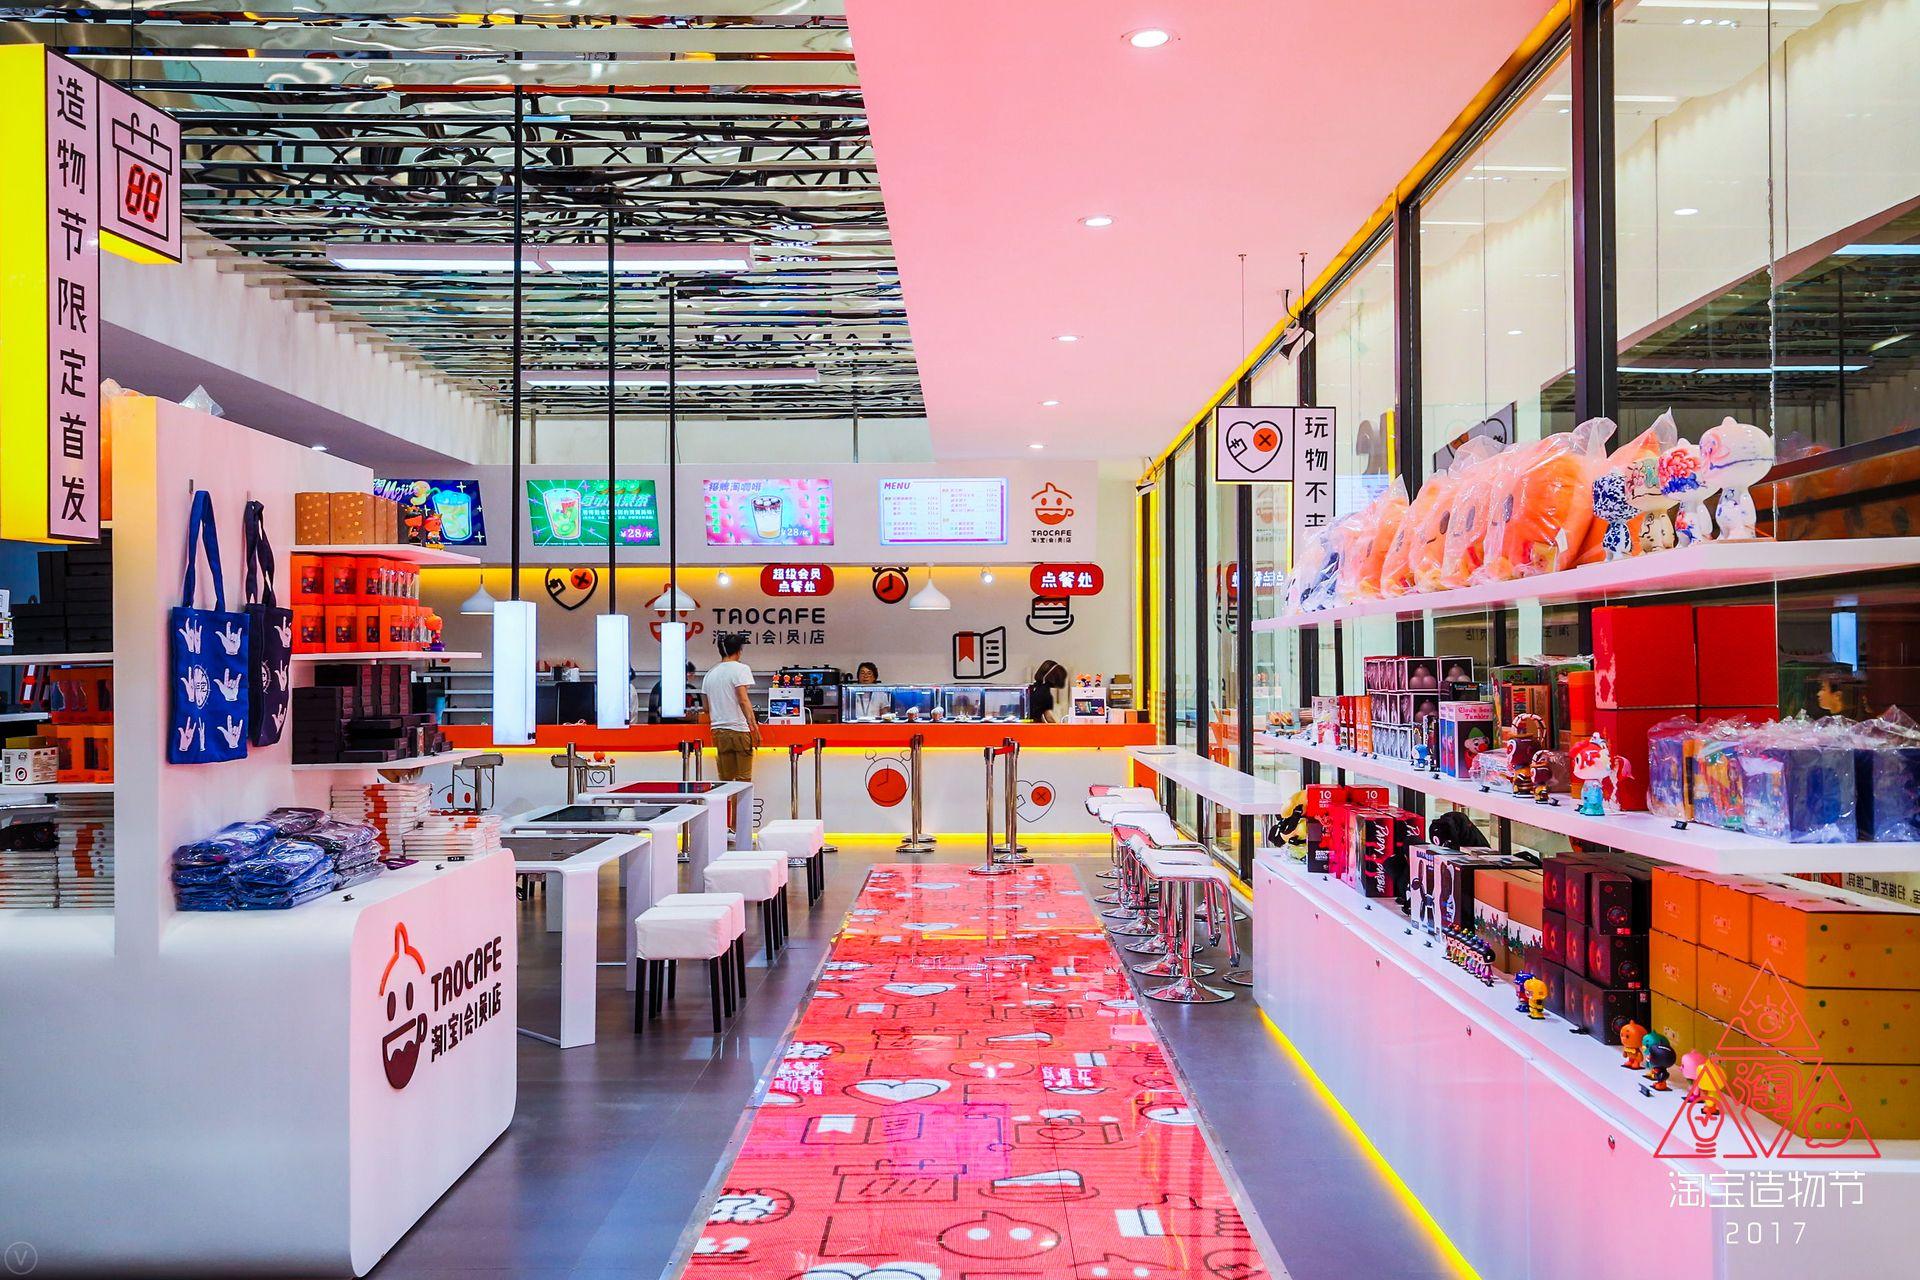 Cửa hàng tiện lợi có đối thủ mới: cửa hàng không nhân viên 2